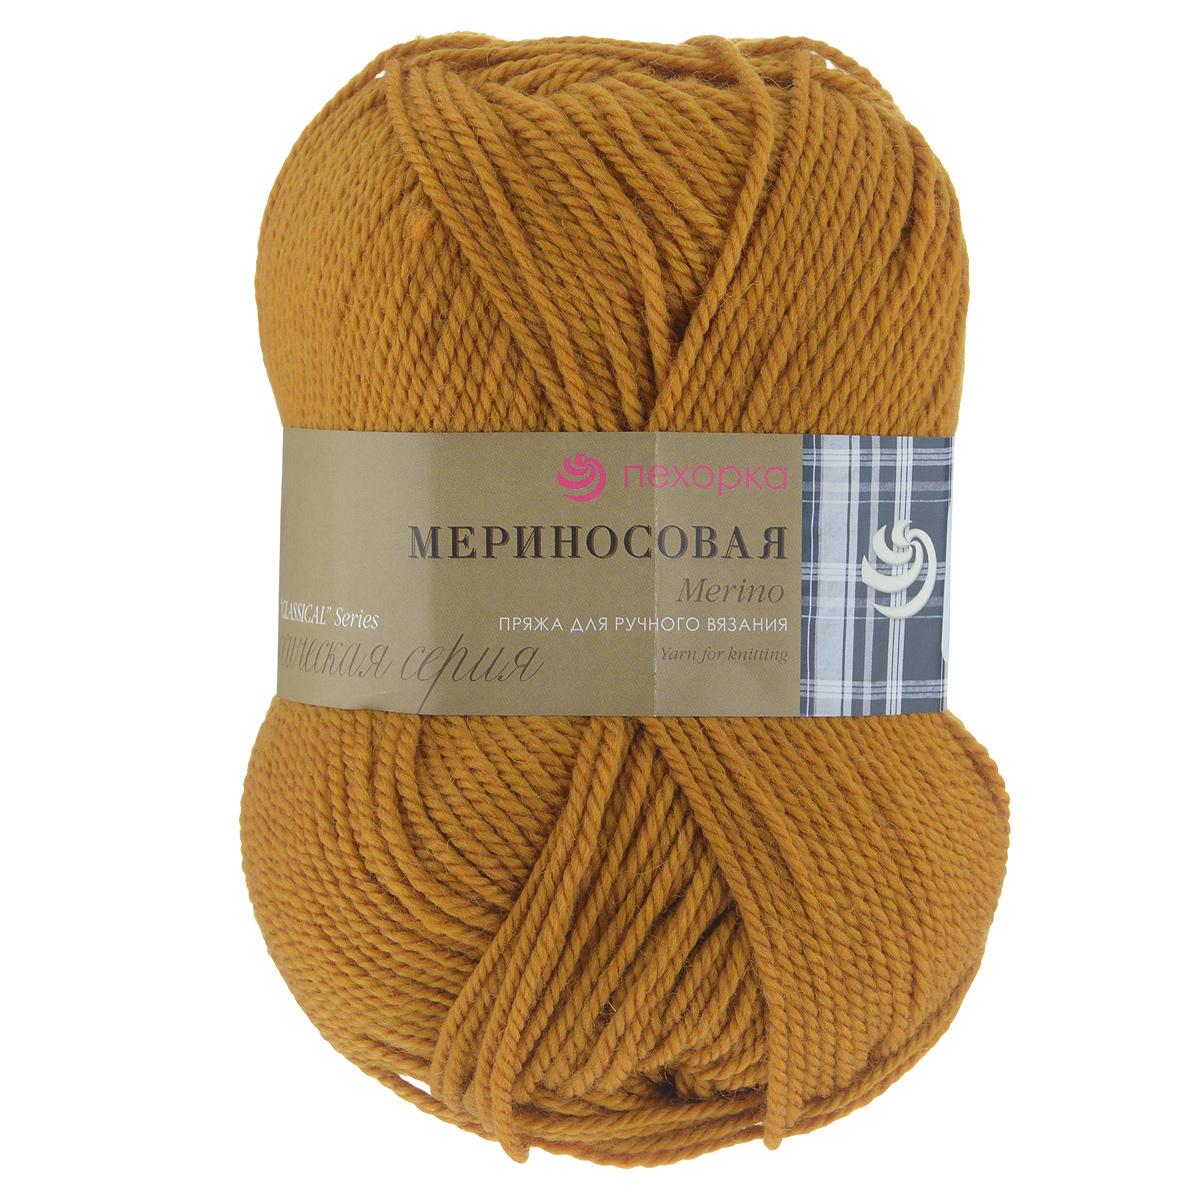 Пряжа для вязания Пехорка Мериносовая, цвет: горчица (447), 200 м, 100 г, 10 шт пряжа для вязания пехорка мериносовая цвет изумрудный 335 200 м 100 г 10 шт